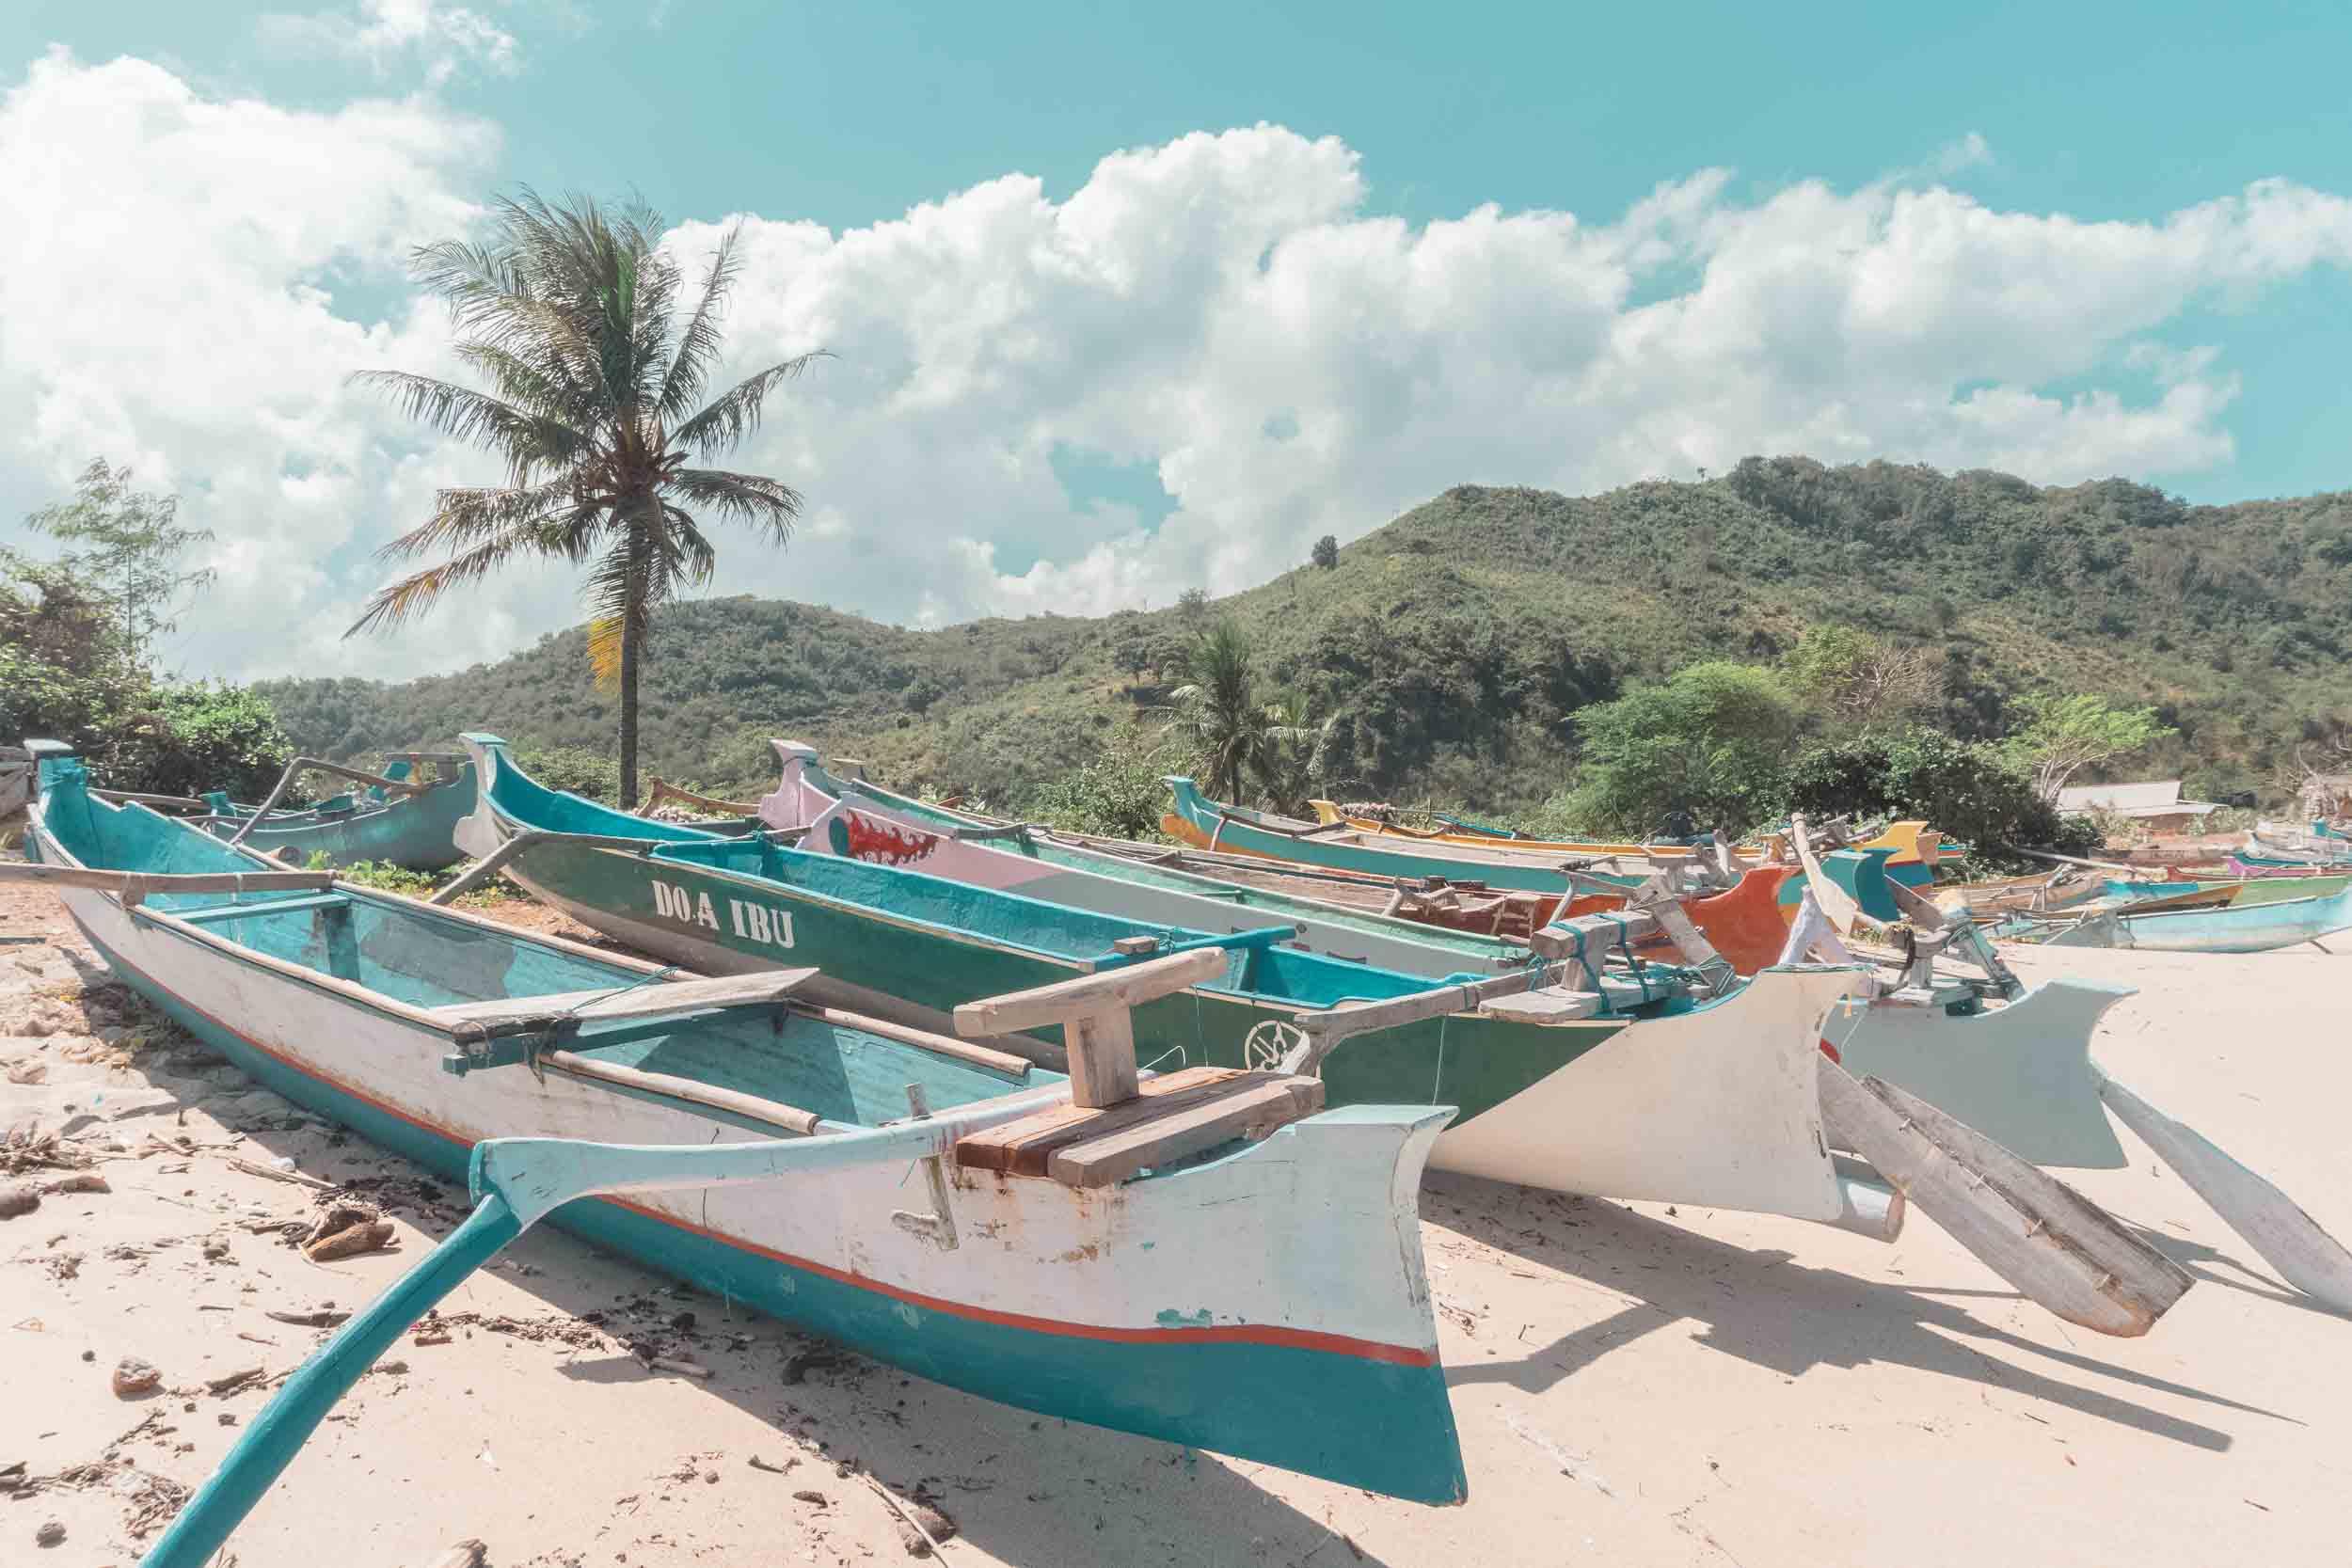 Pantai_Mawun_Lombok_Indonesia.jpg